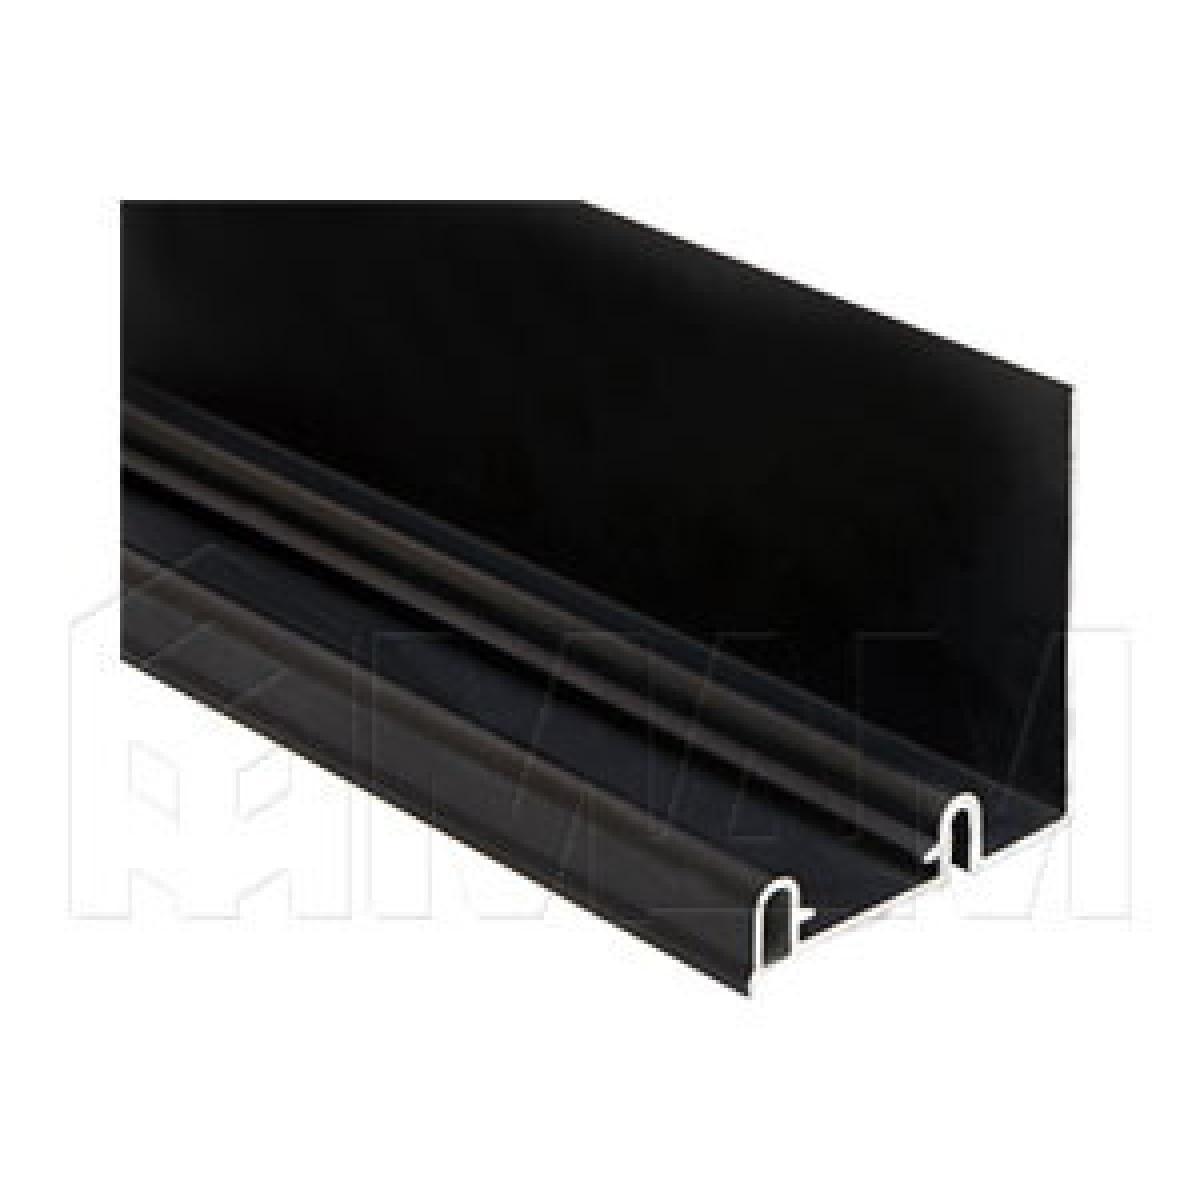 PS10 Направляющая верхняя, ДСП от 16, фикс. снаружи/изнутри, черный, L-6000